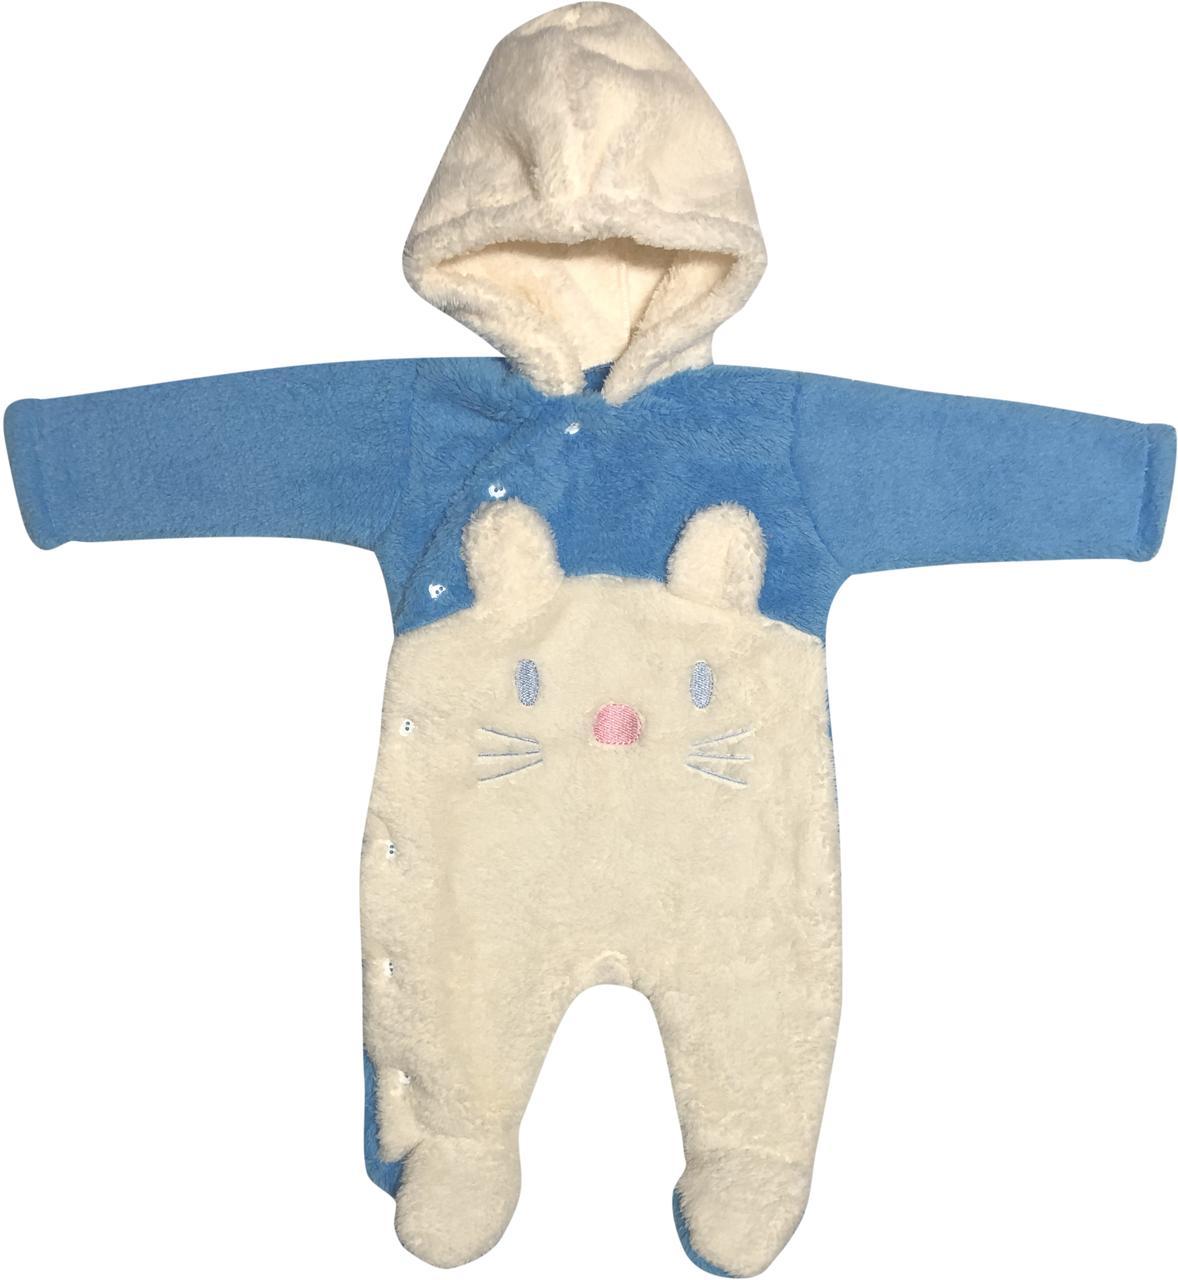 Детский тёплый человечек рост 56 0-2 мес махровый голубой на мальчика слип с капюшоном для новорожденных малышей Я775